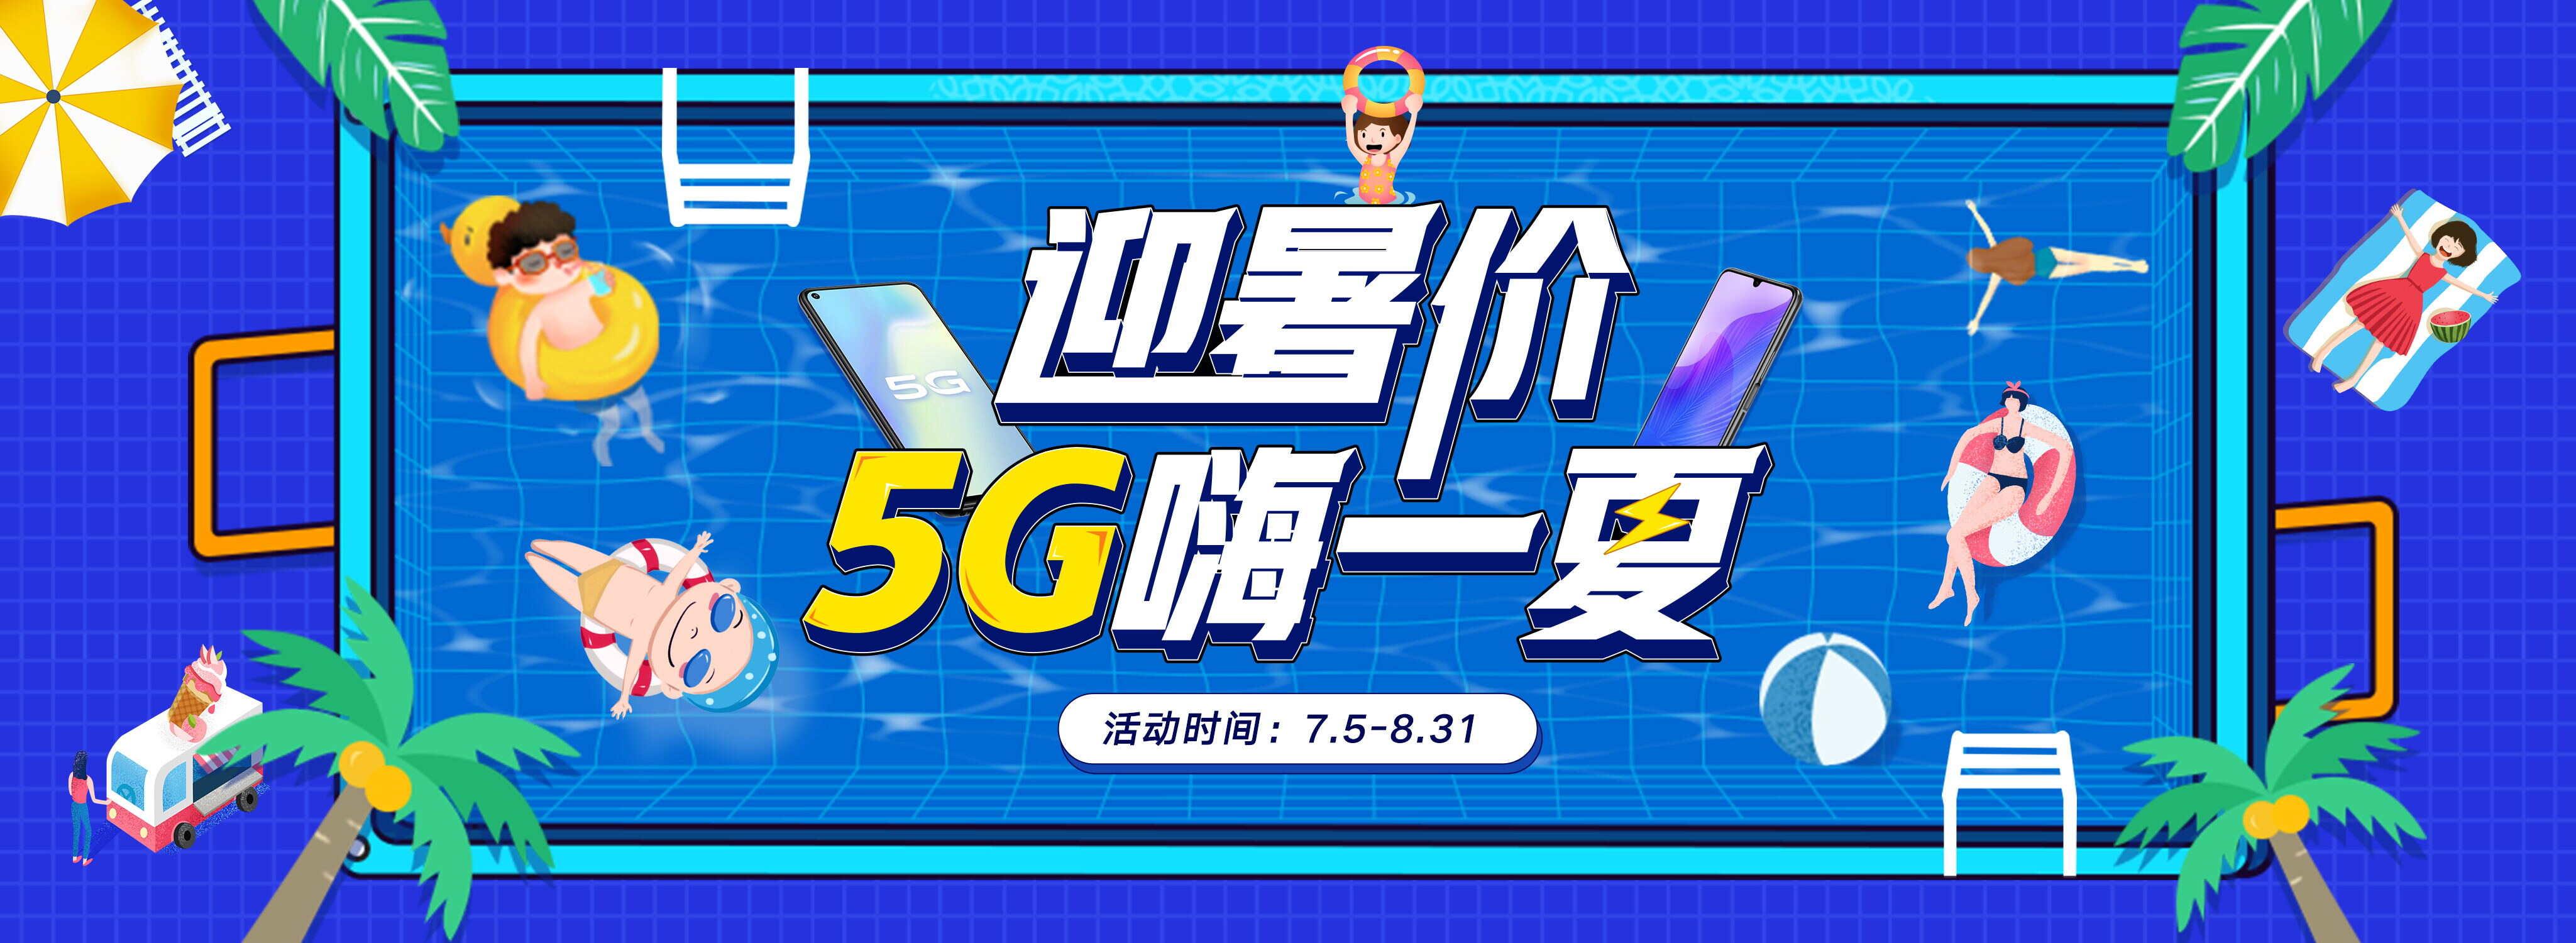 5G嗨一夏